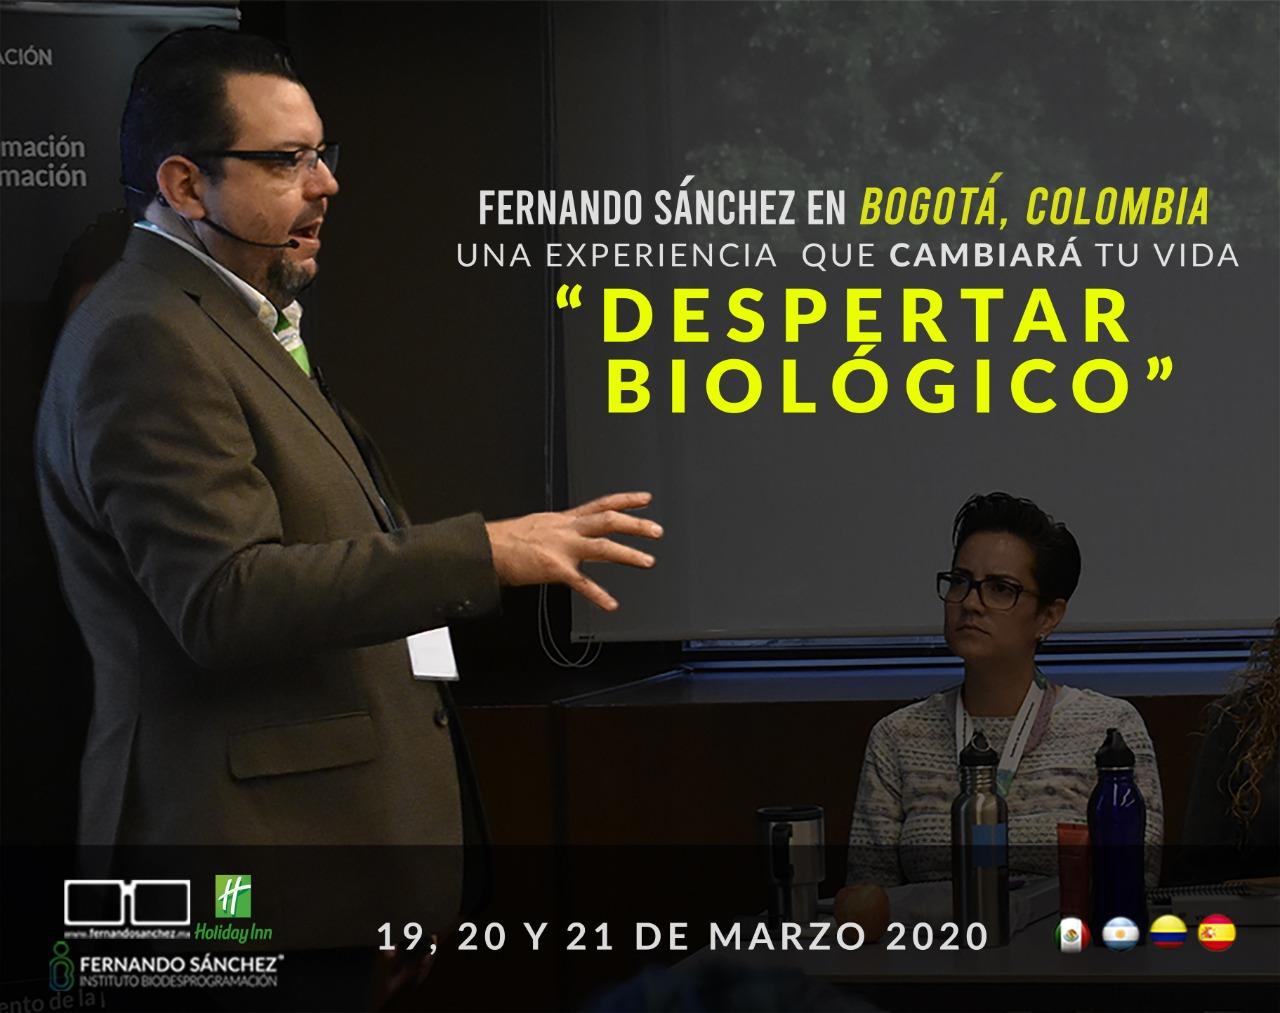 84566238 1730483047093338 2968072785244454912 o - Despertar Biológico - Bogotá Colombia